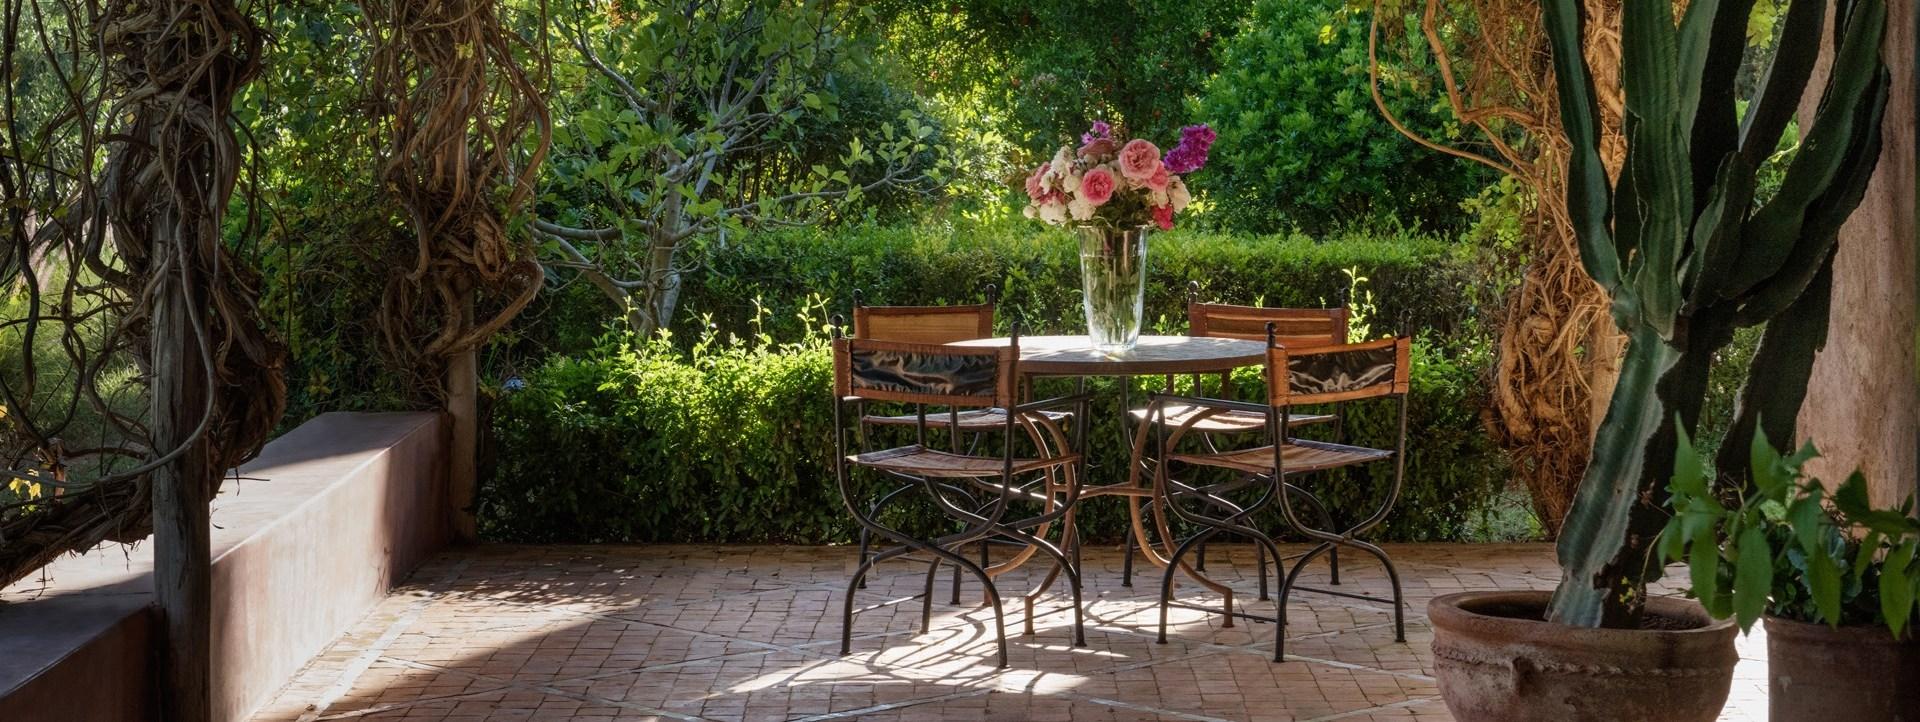 garden-terrace-marrakech